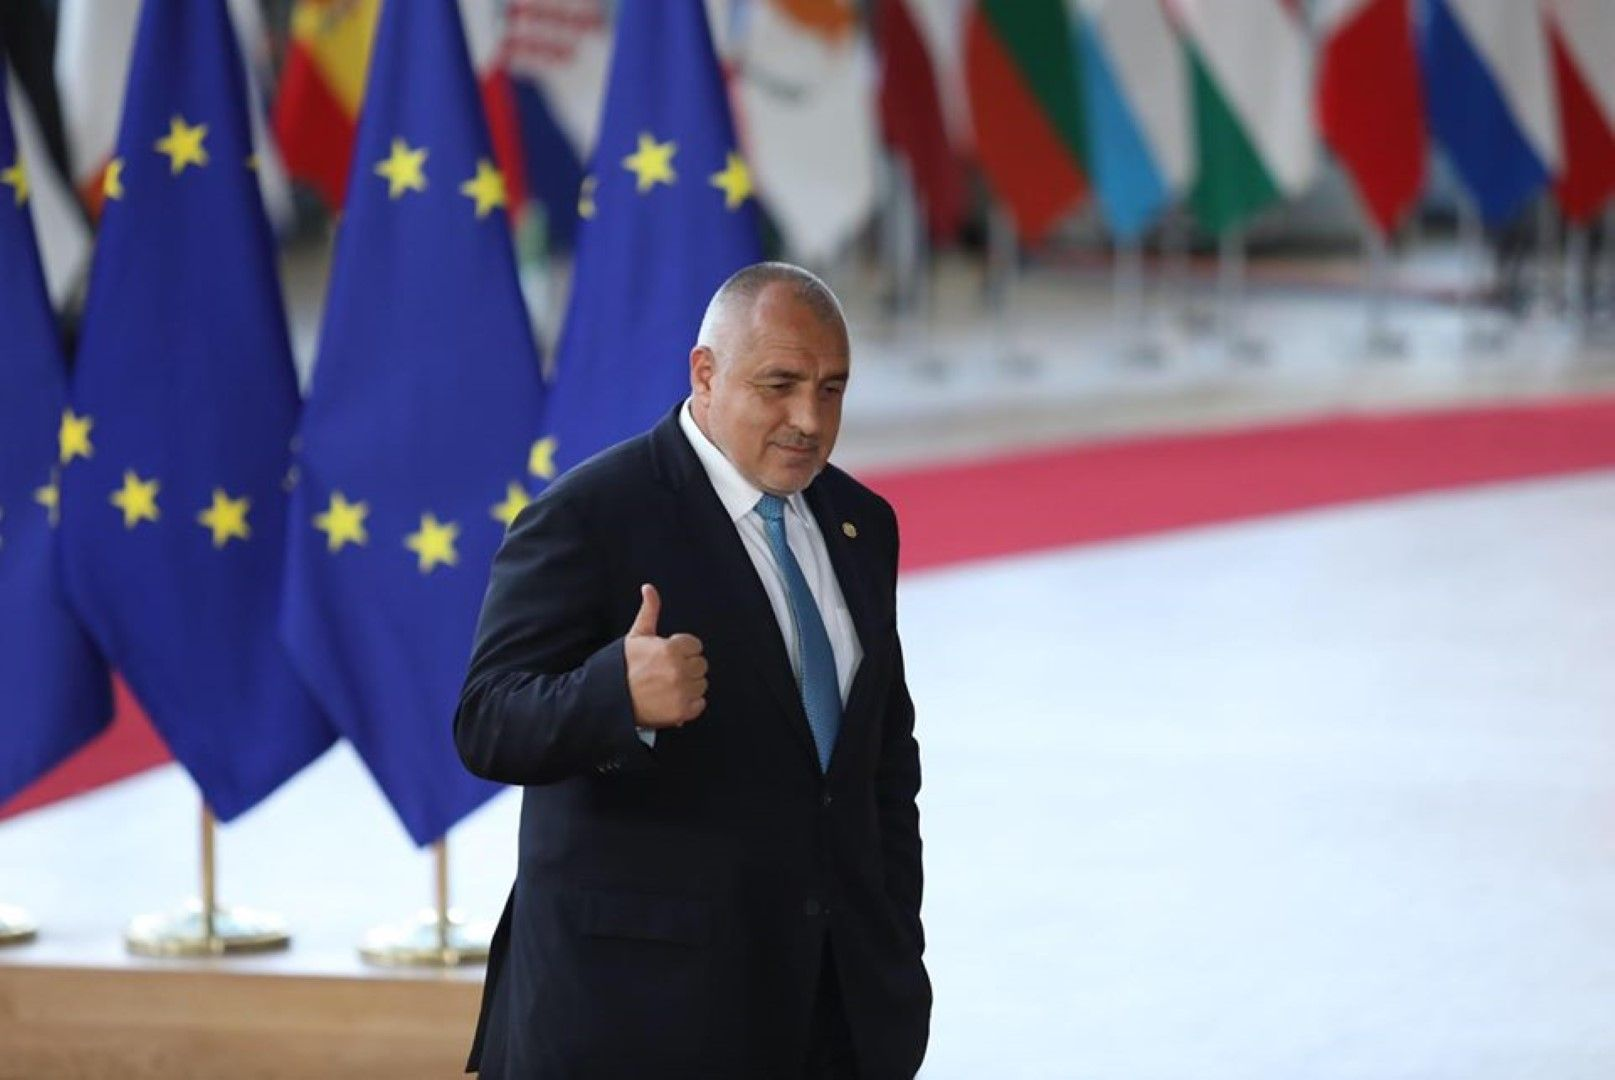 Бойко Борисов гарантира лоялност към позицията на ЕНП